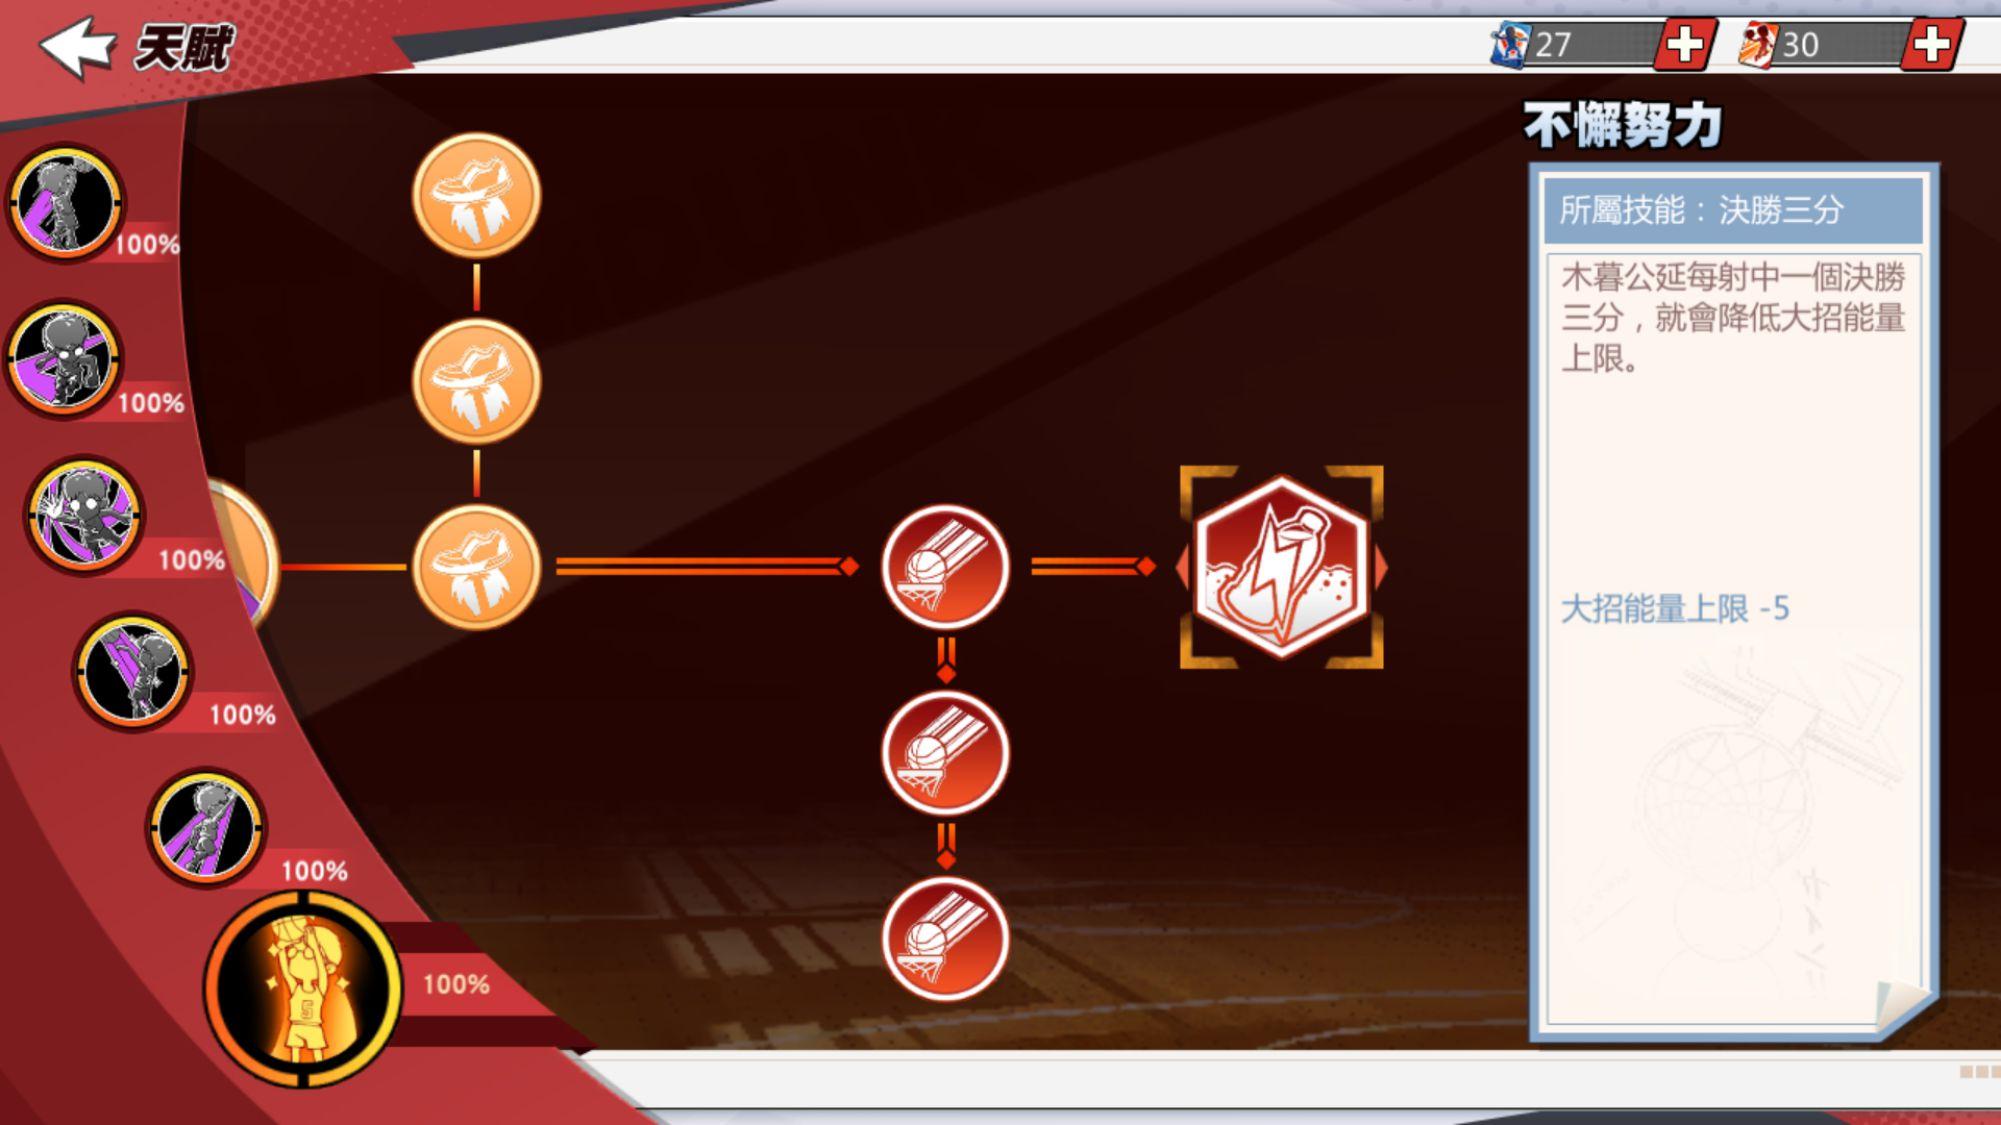 《灌籃高手 SLAM DUNK》木暮公延球員資料 天賦進階突破 亞洲盃資格選拔賽 火熱開打中!